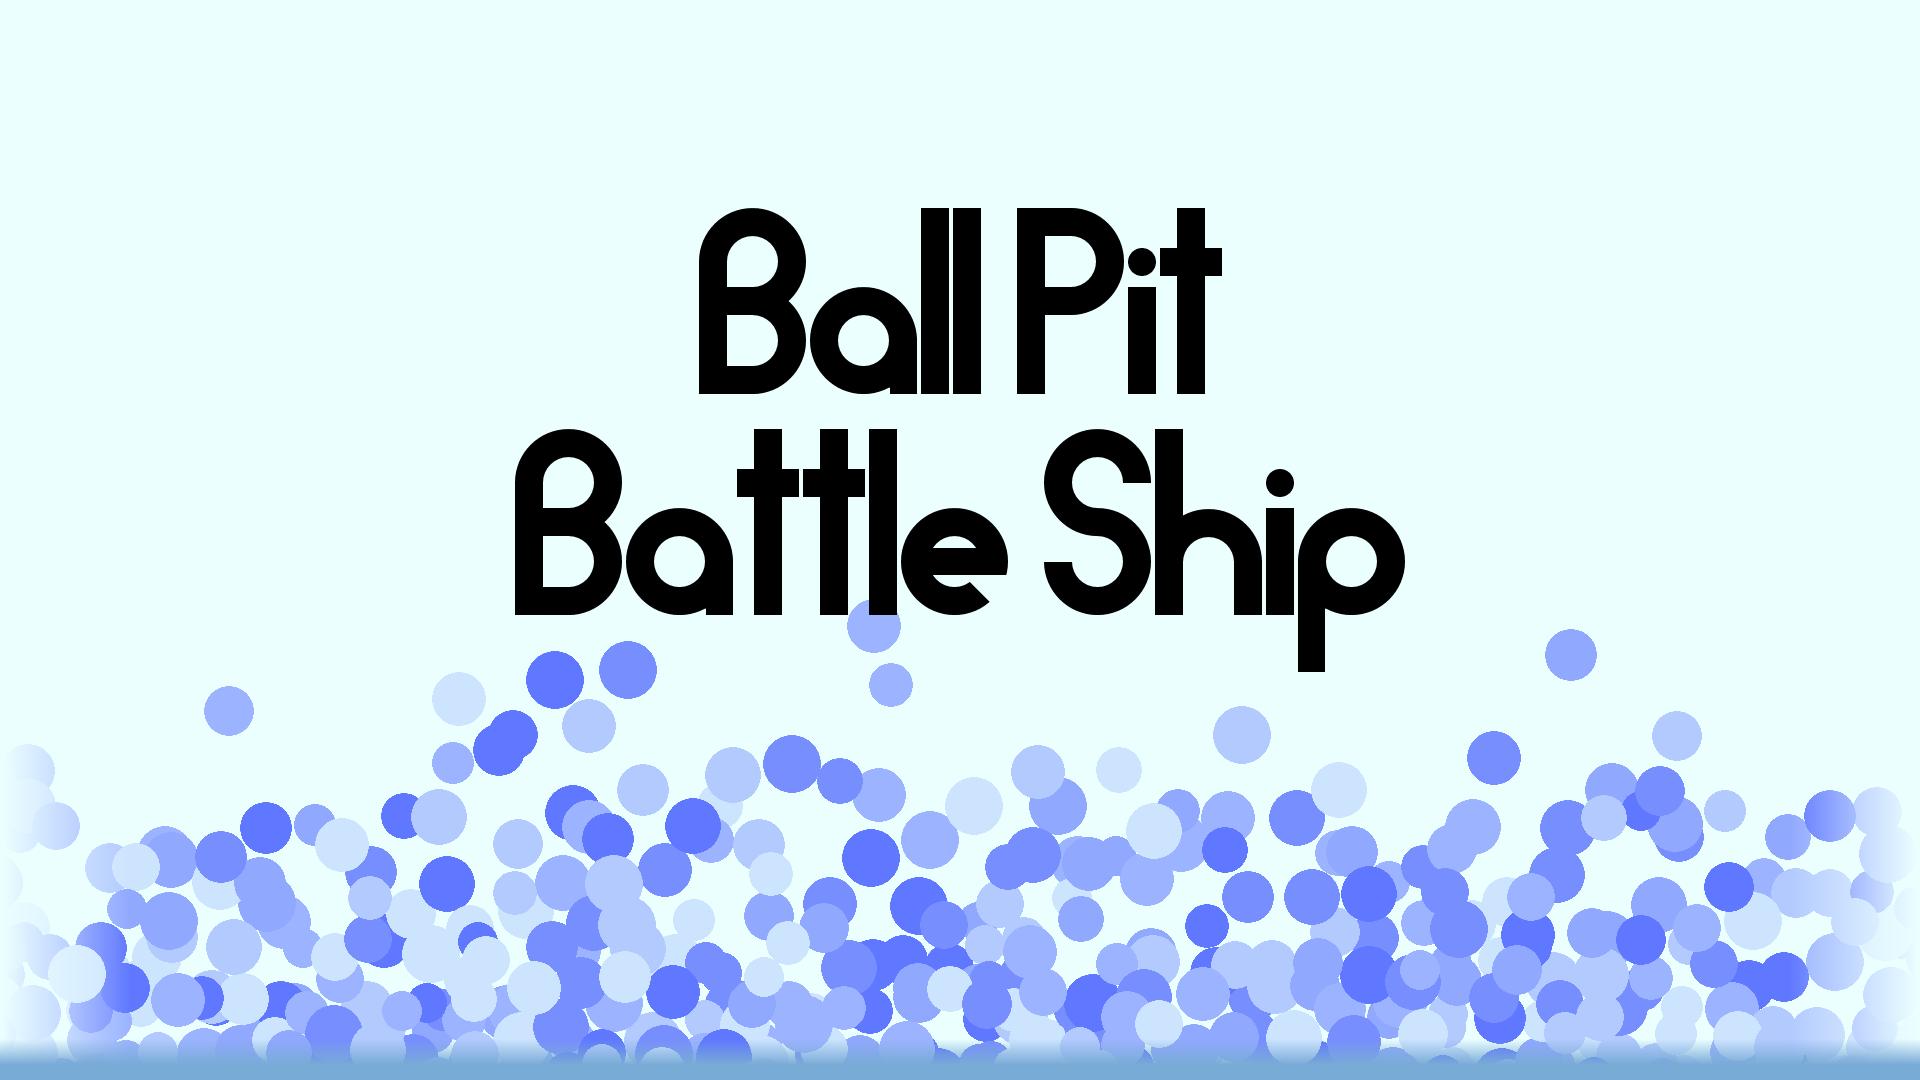 Ball Pit Battle Ship